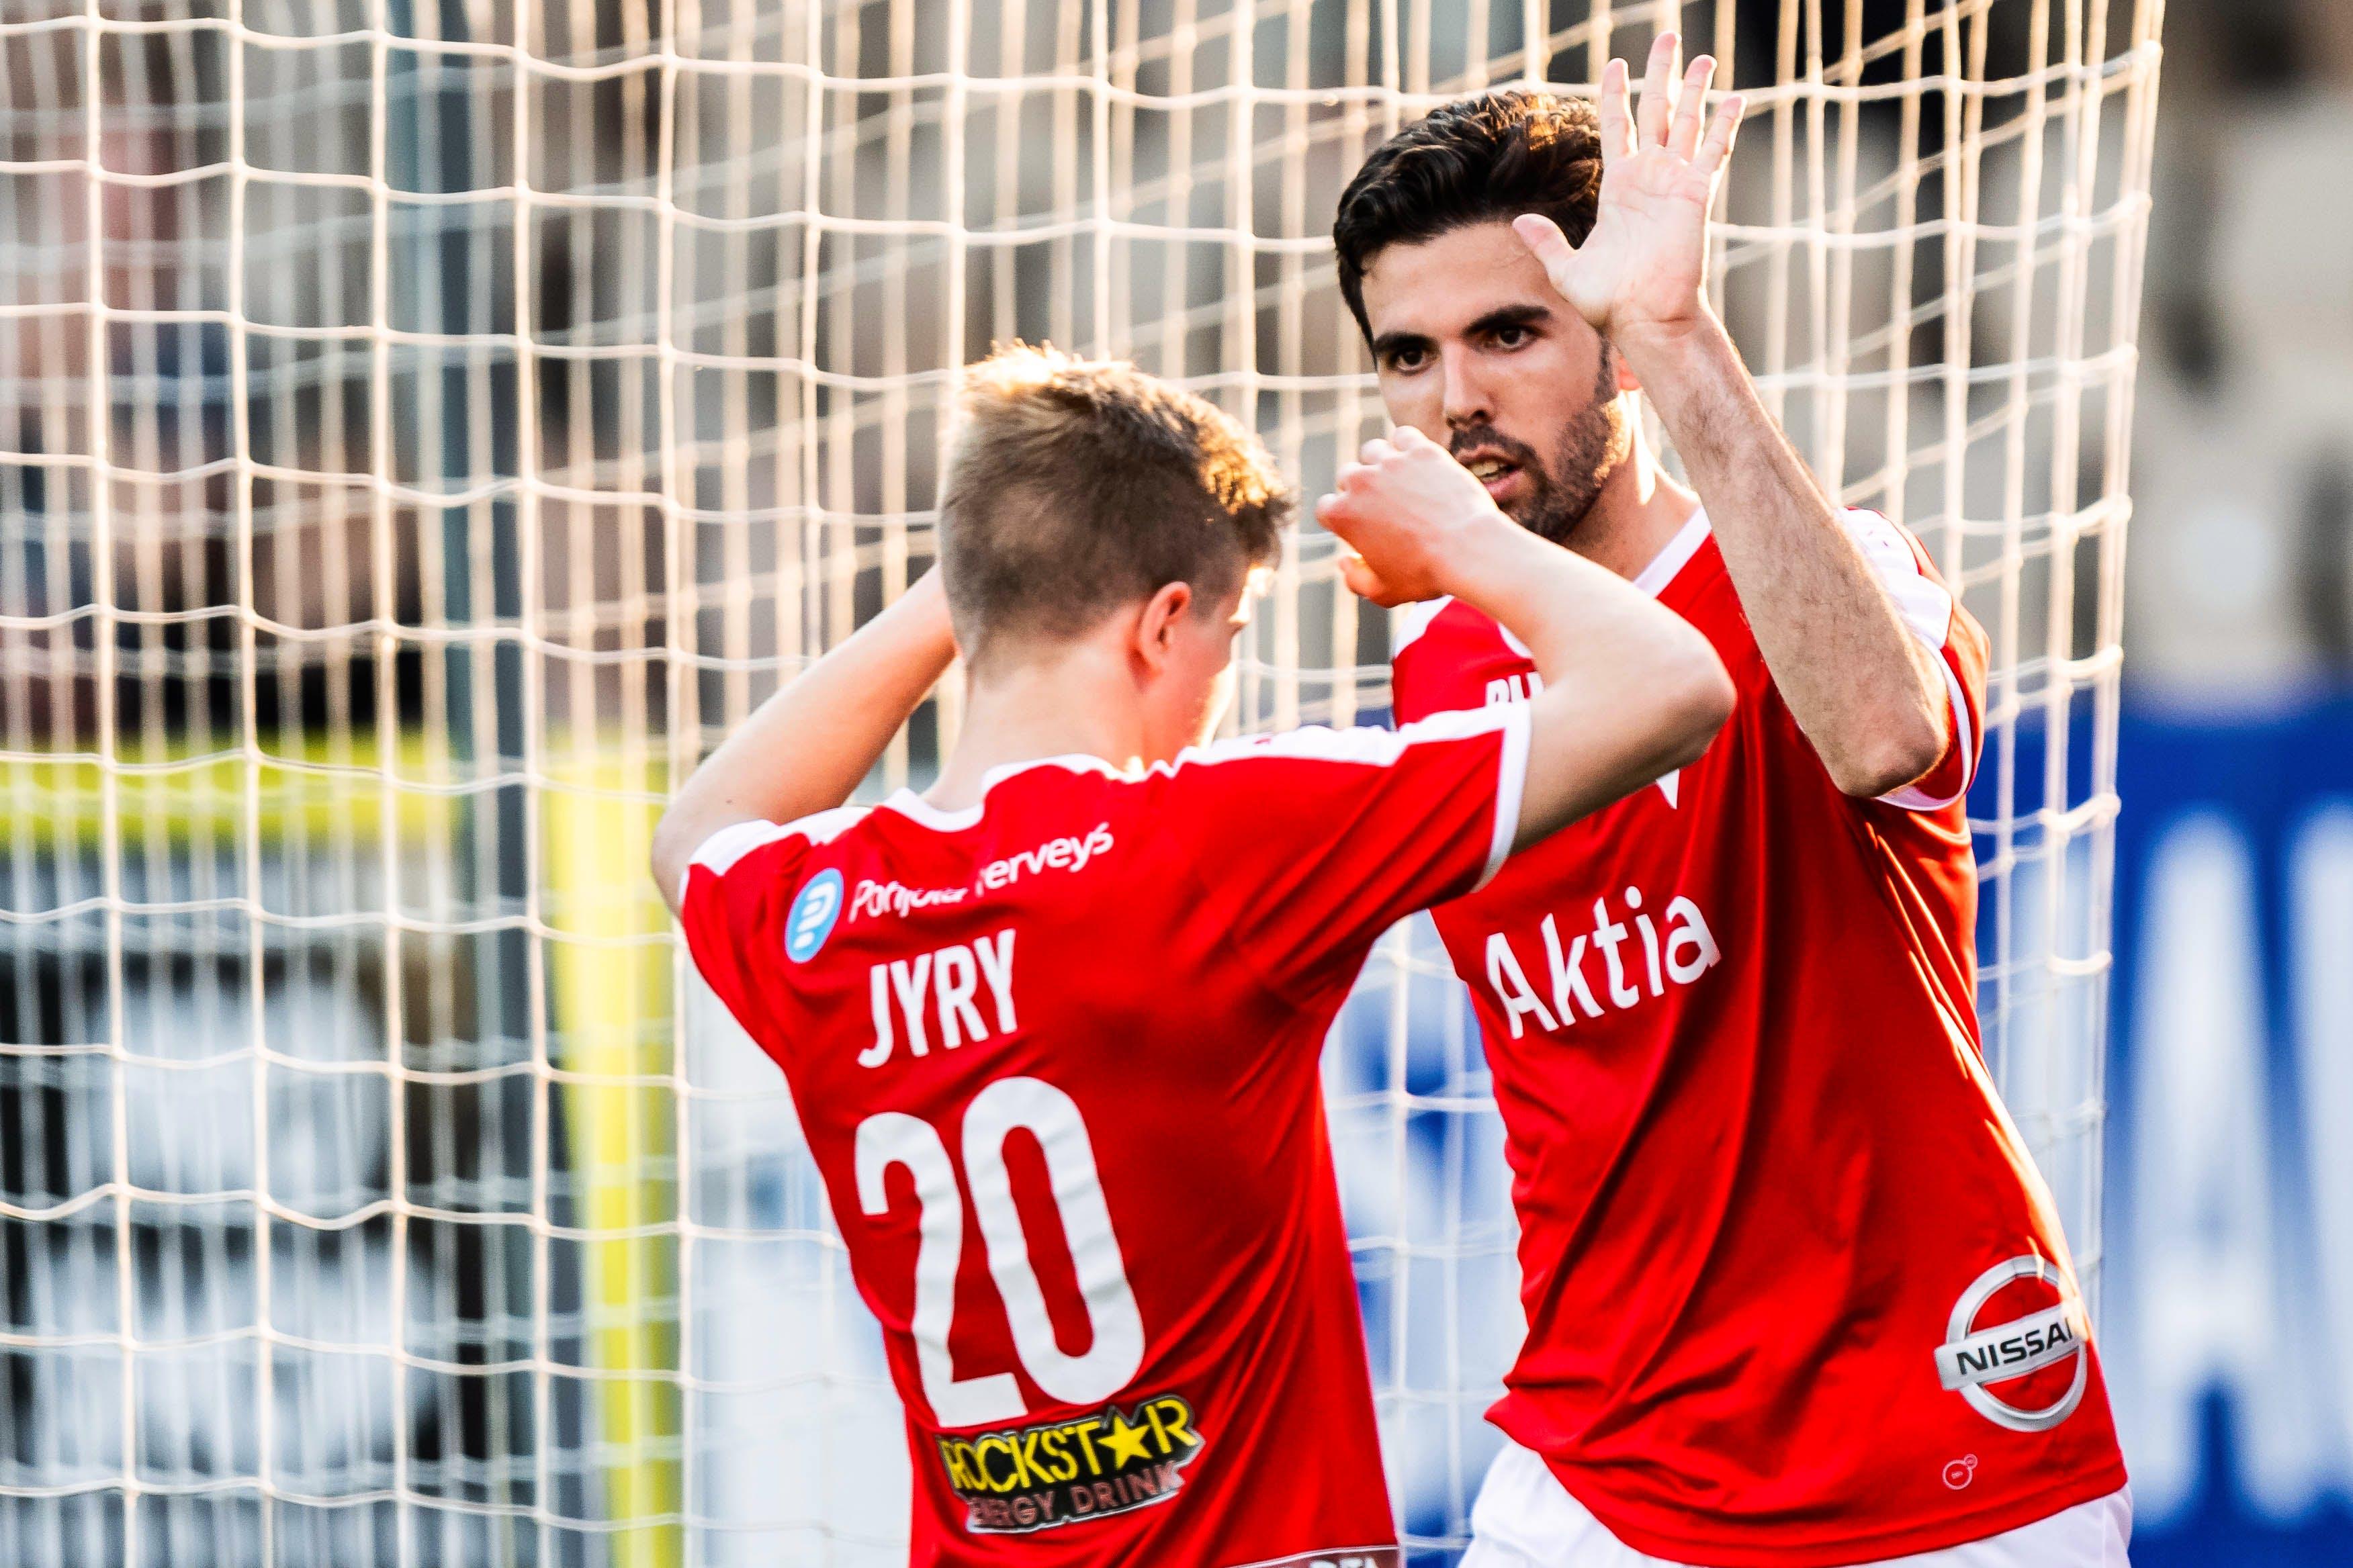 Otteluraportti: KPV – HIFK 2-2 (1-0)